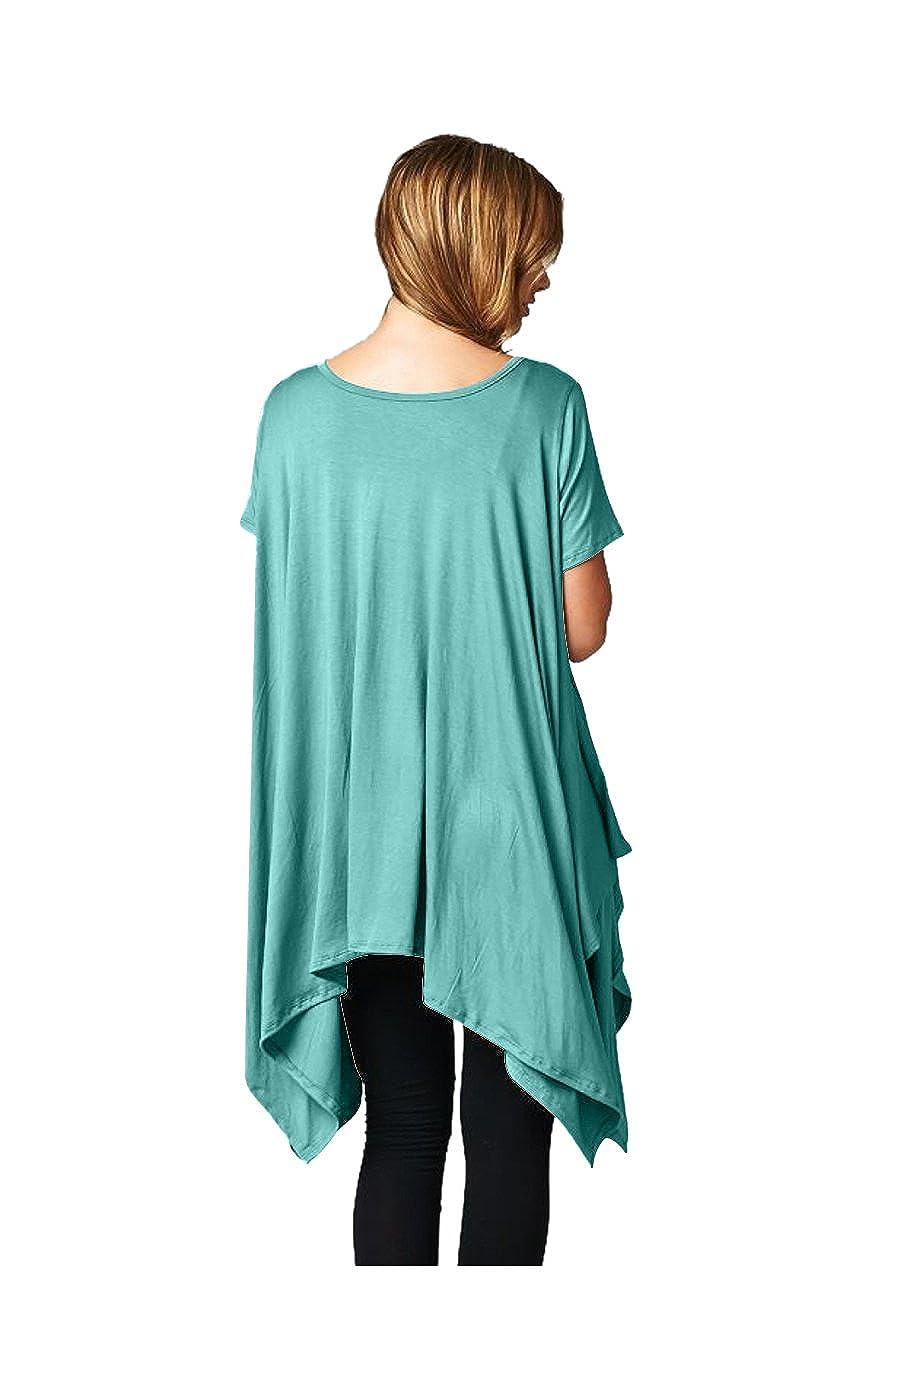 a485d57d 2LUV Mujer 3/4 Manga túnicas de a-line vestido Verde verde menta ...